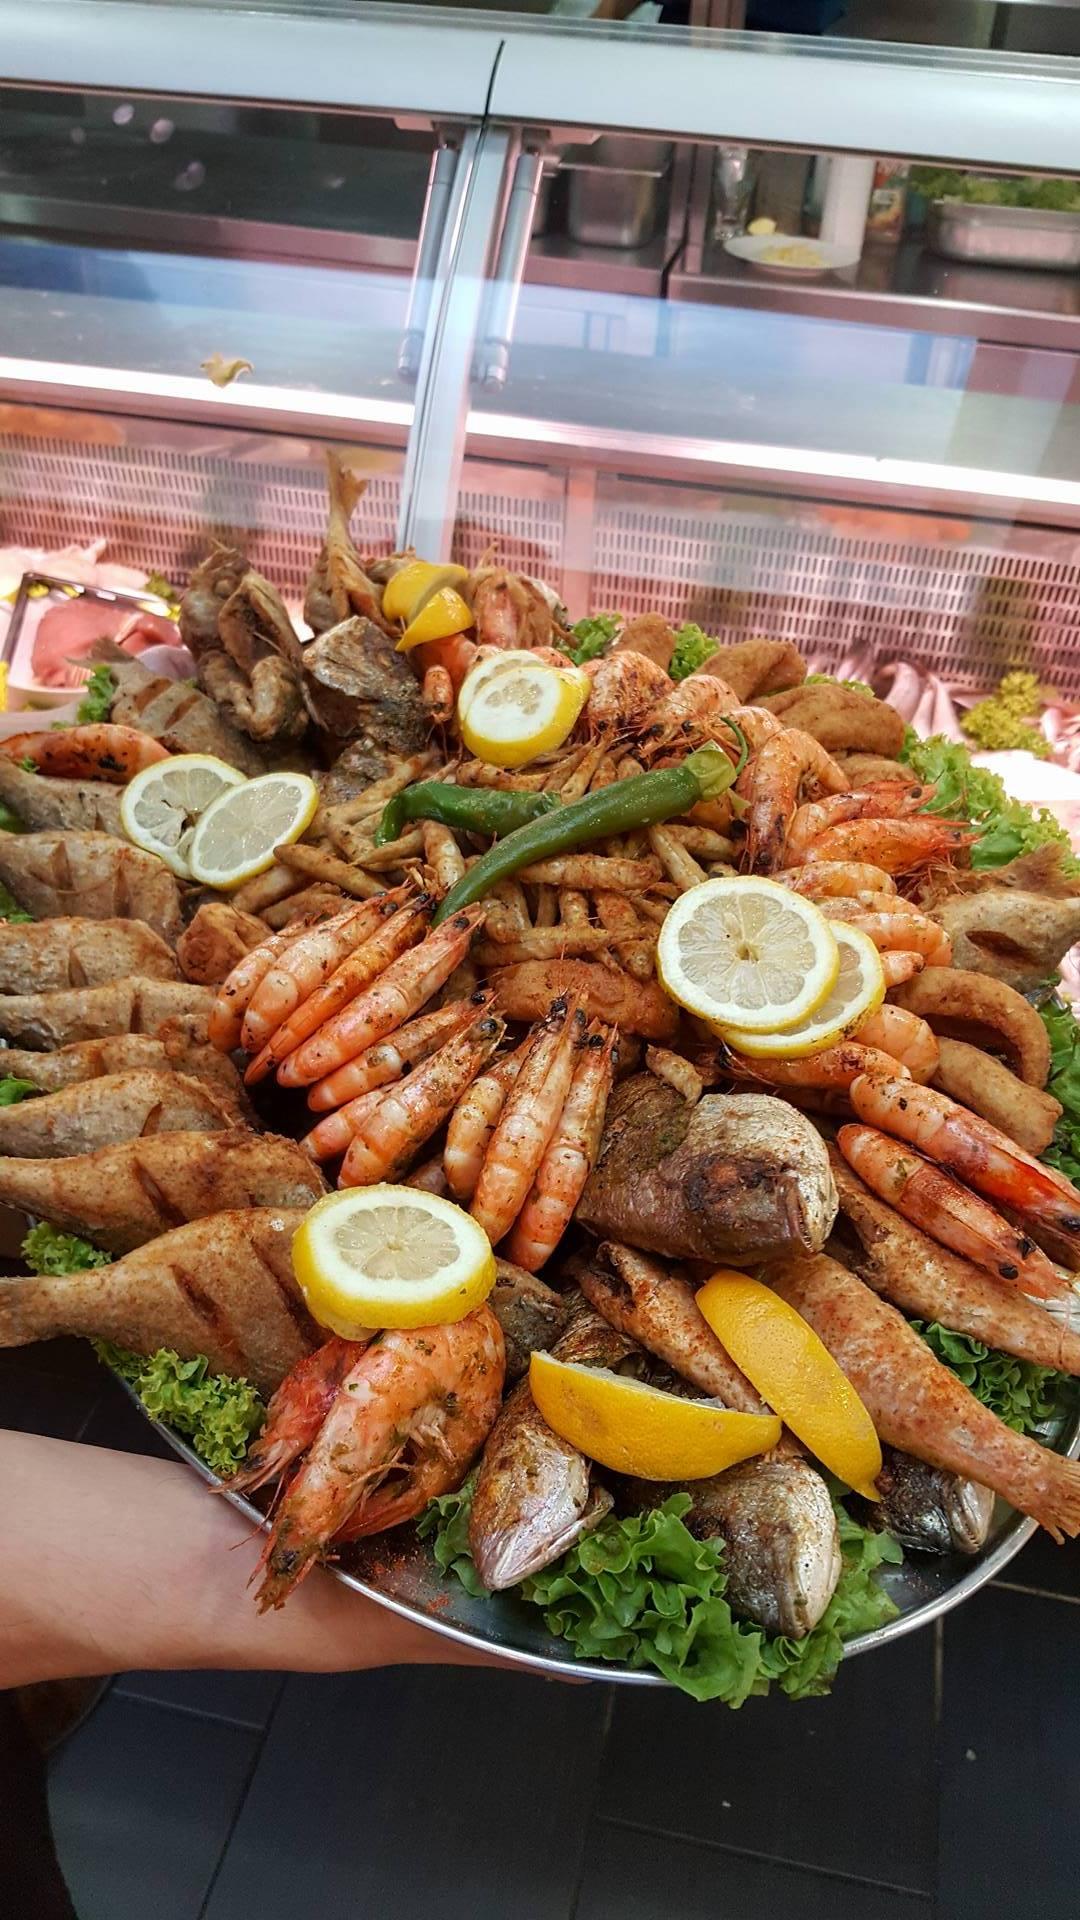 Traiteur -img11 • Livraison de poissons • Poissonnerie • Restaurant • Traiteur à Anderlecht